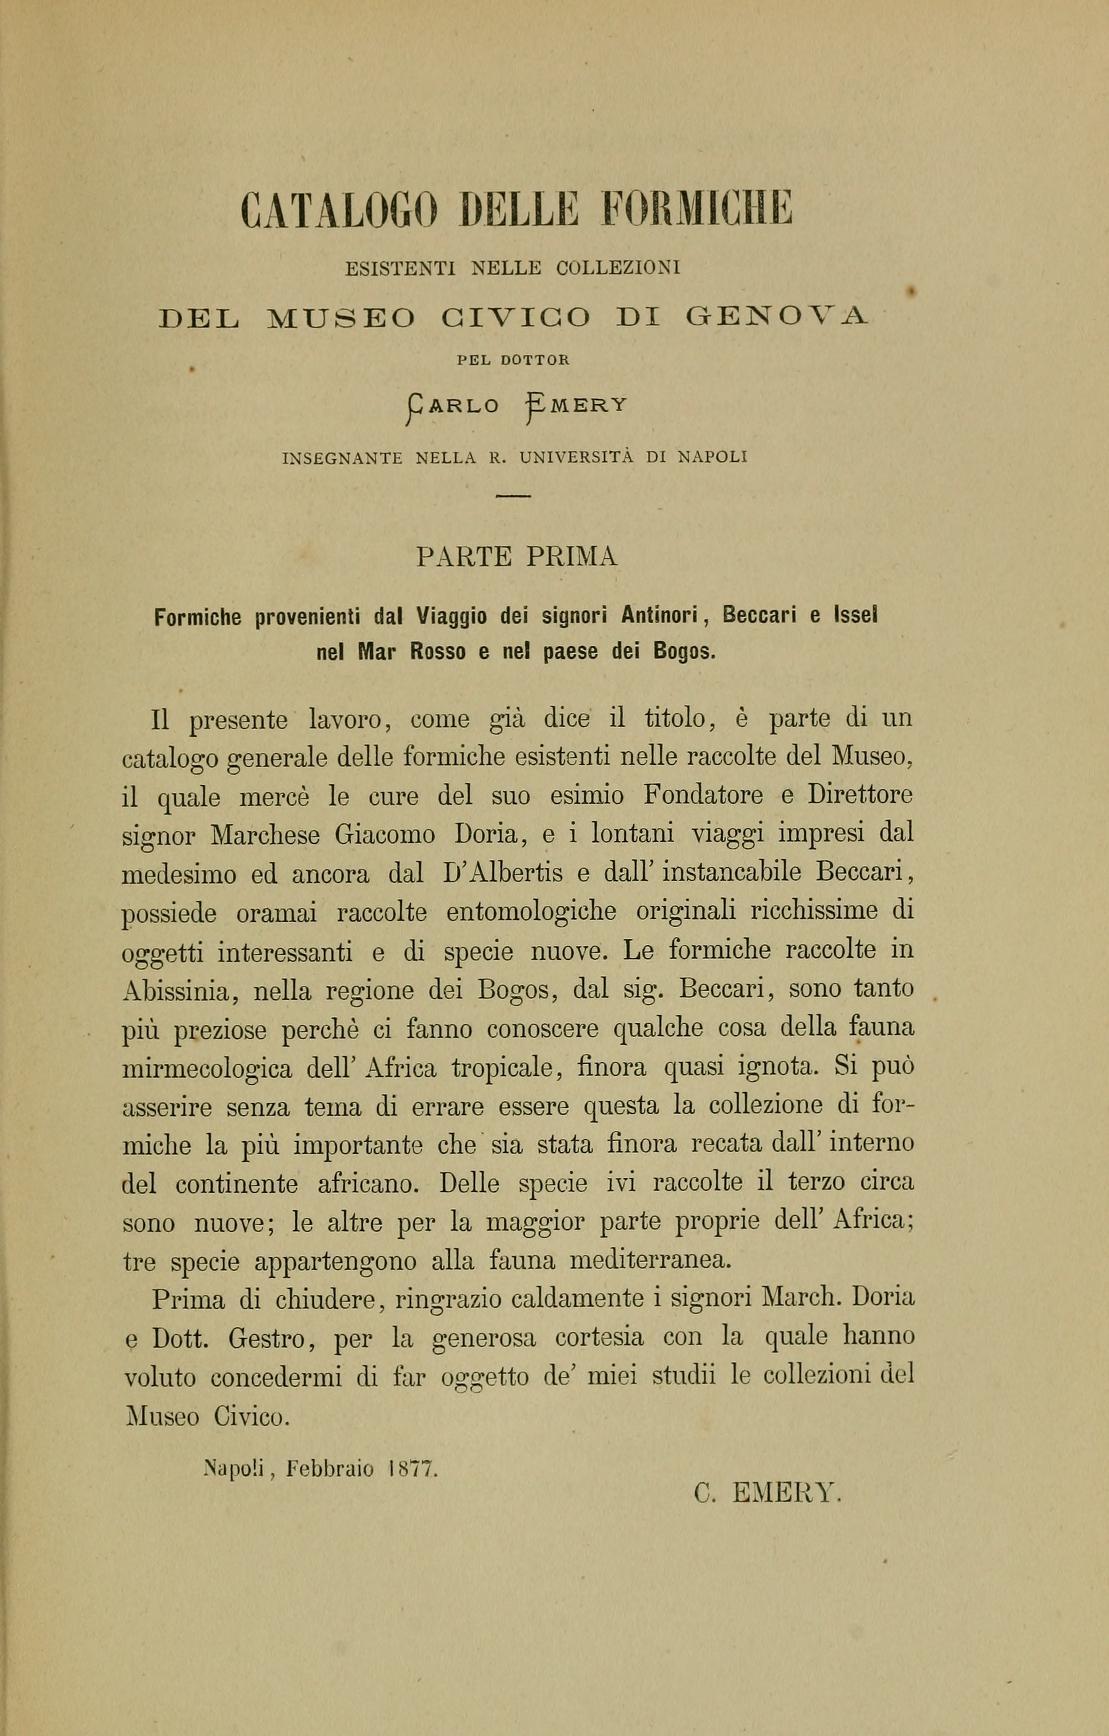 Catalogo delle formiche esistenti nelle collezioni del Museo Civico di Genova